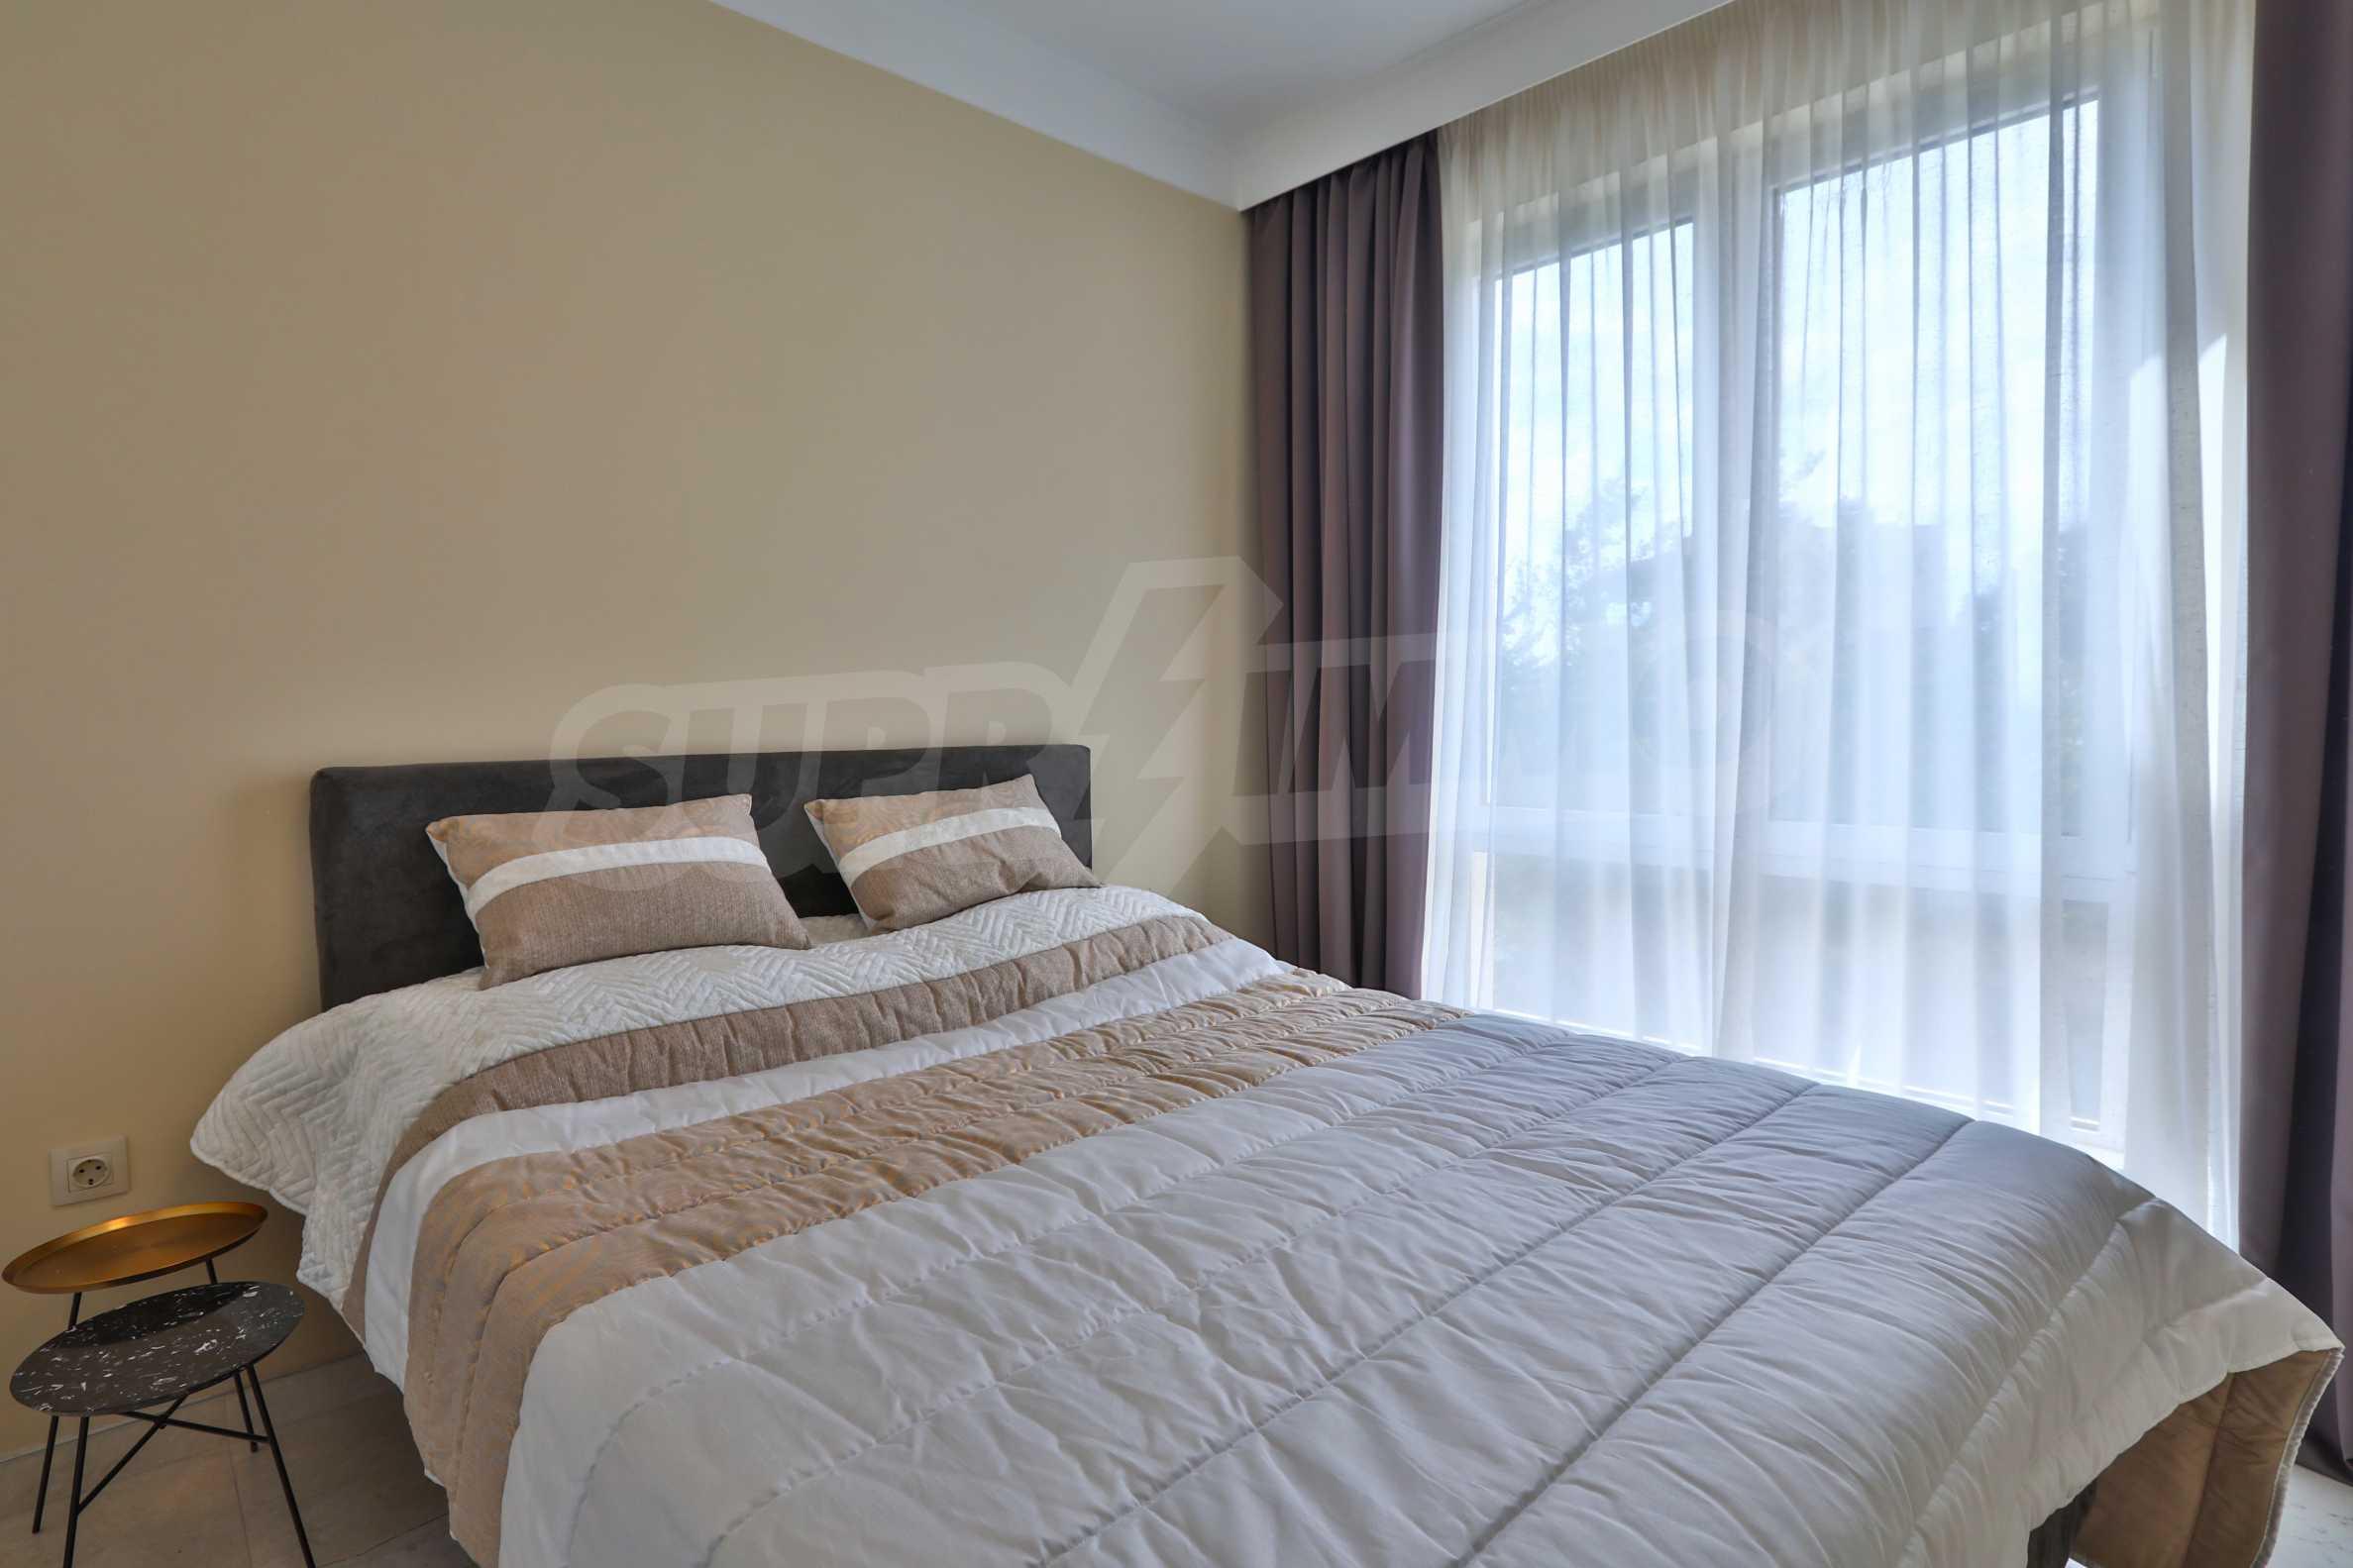 Дизайнерски апартамент с 2 спални в луксозната морска резиденция Belle Époque в Лозенец 21